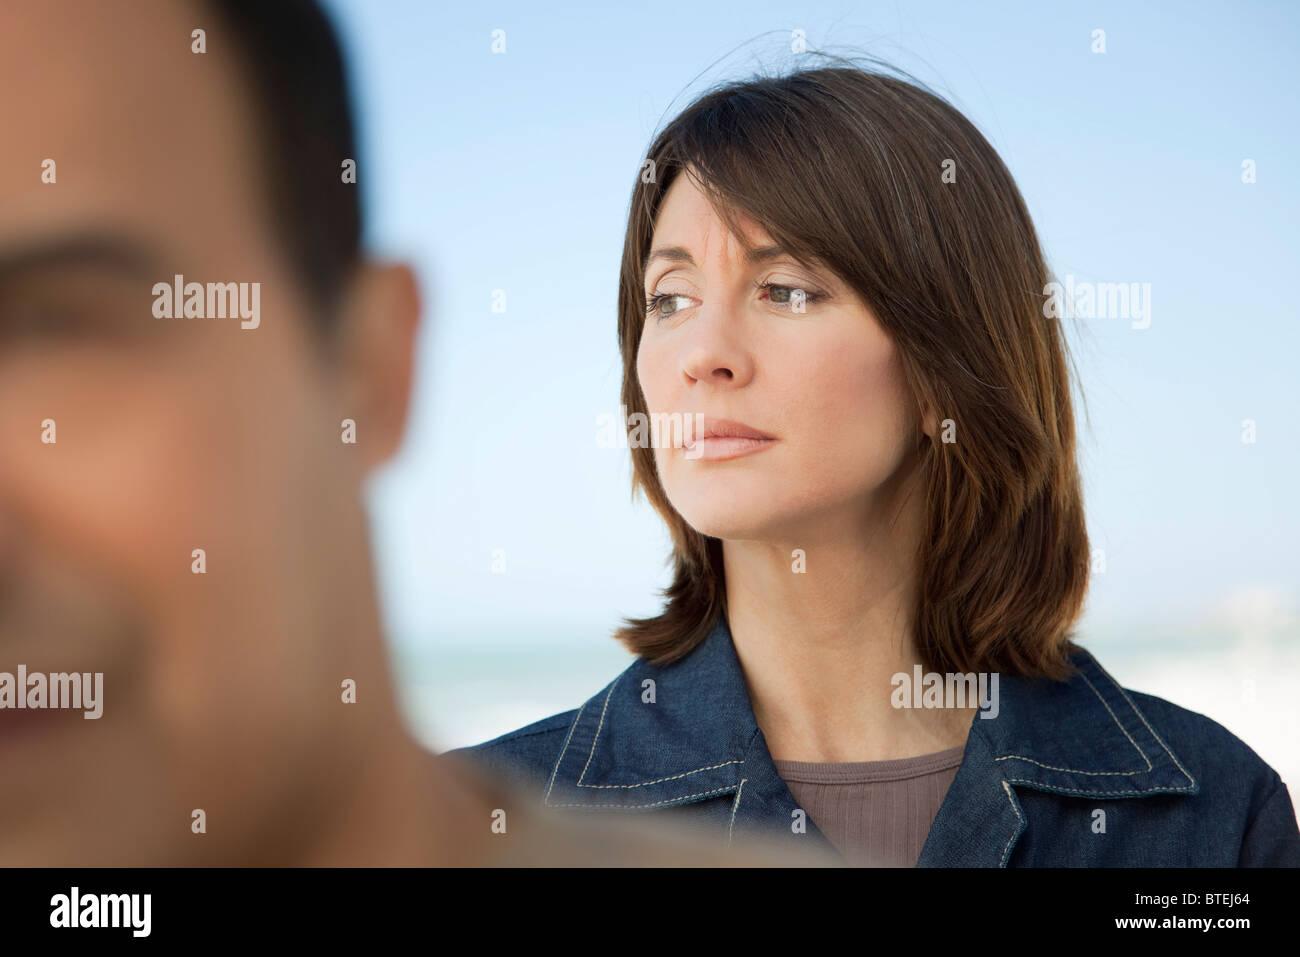 Woman avec front plissé, l'homme en premier plan Banque D'Images